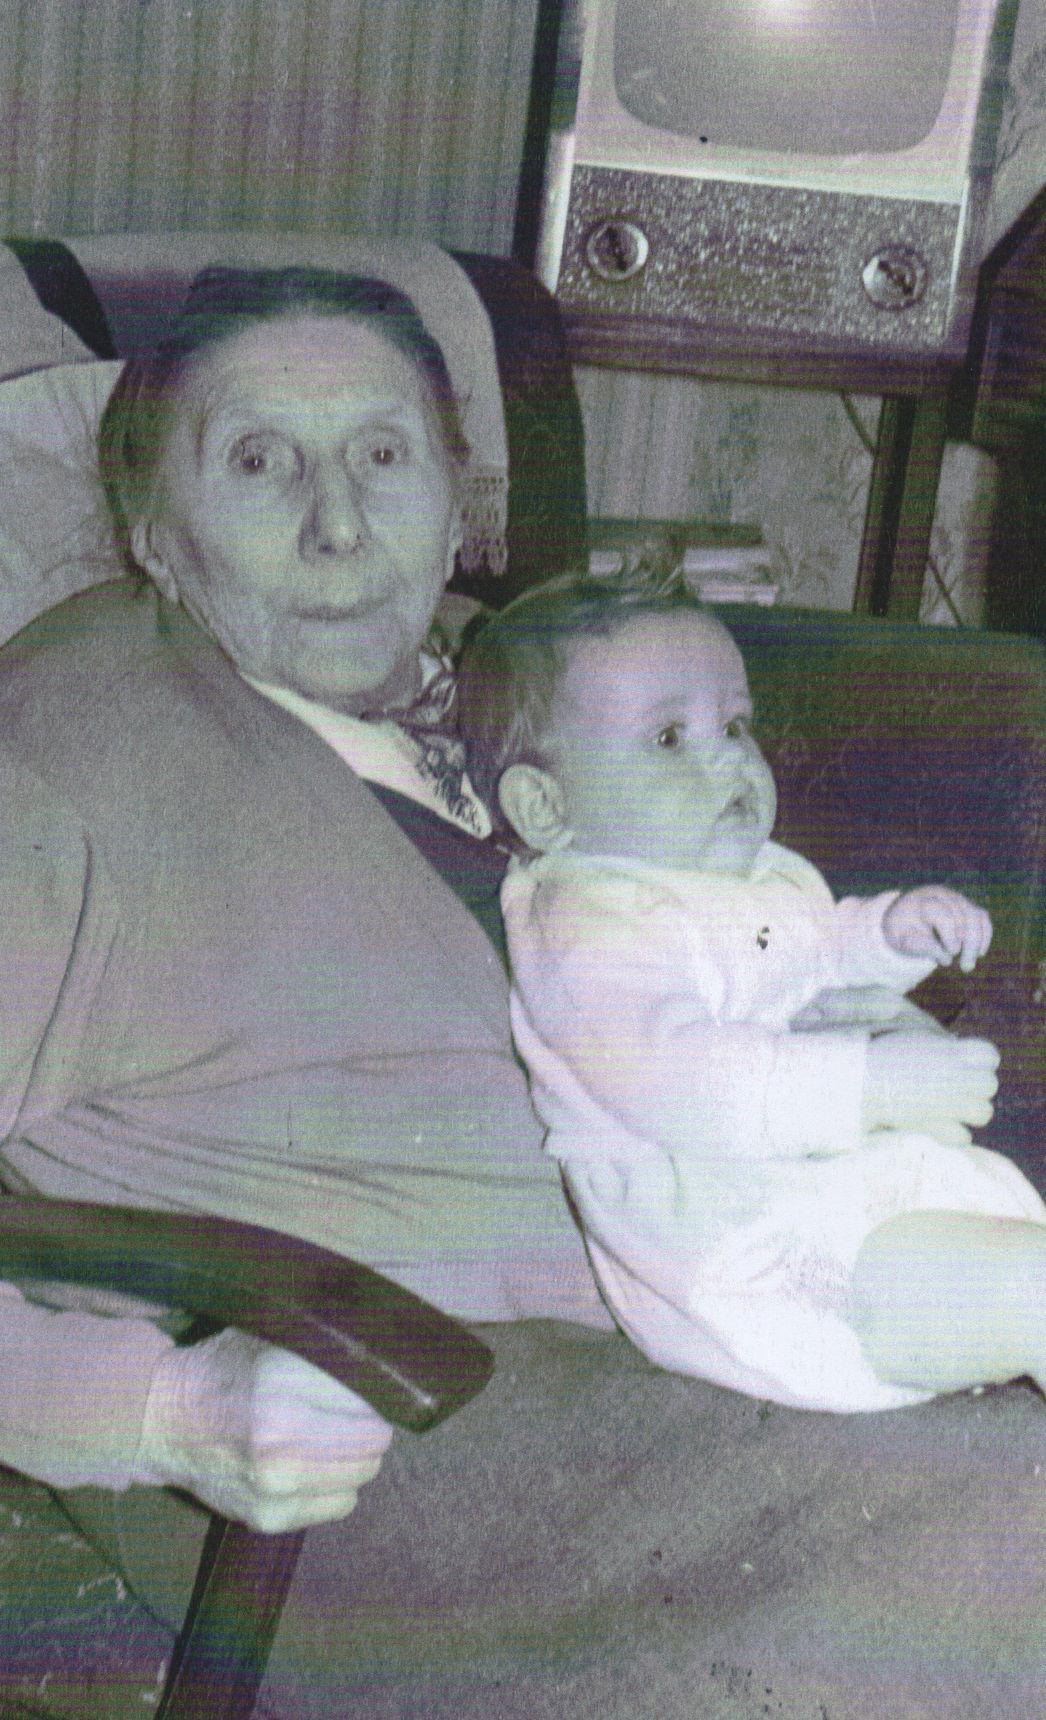 Margaret Lee - Granny Lee (Elizabeth) lived at No 42 Well Court.